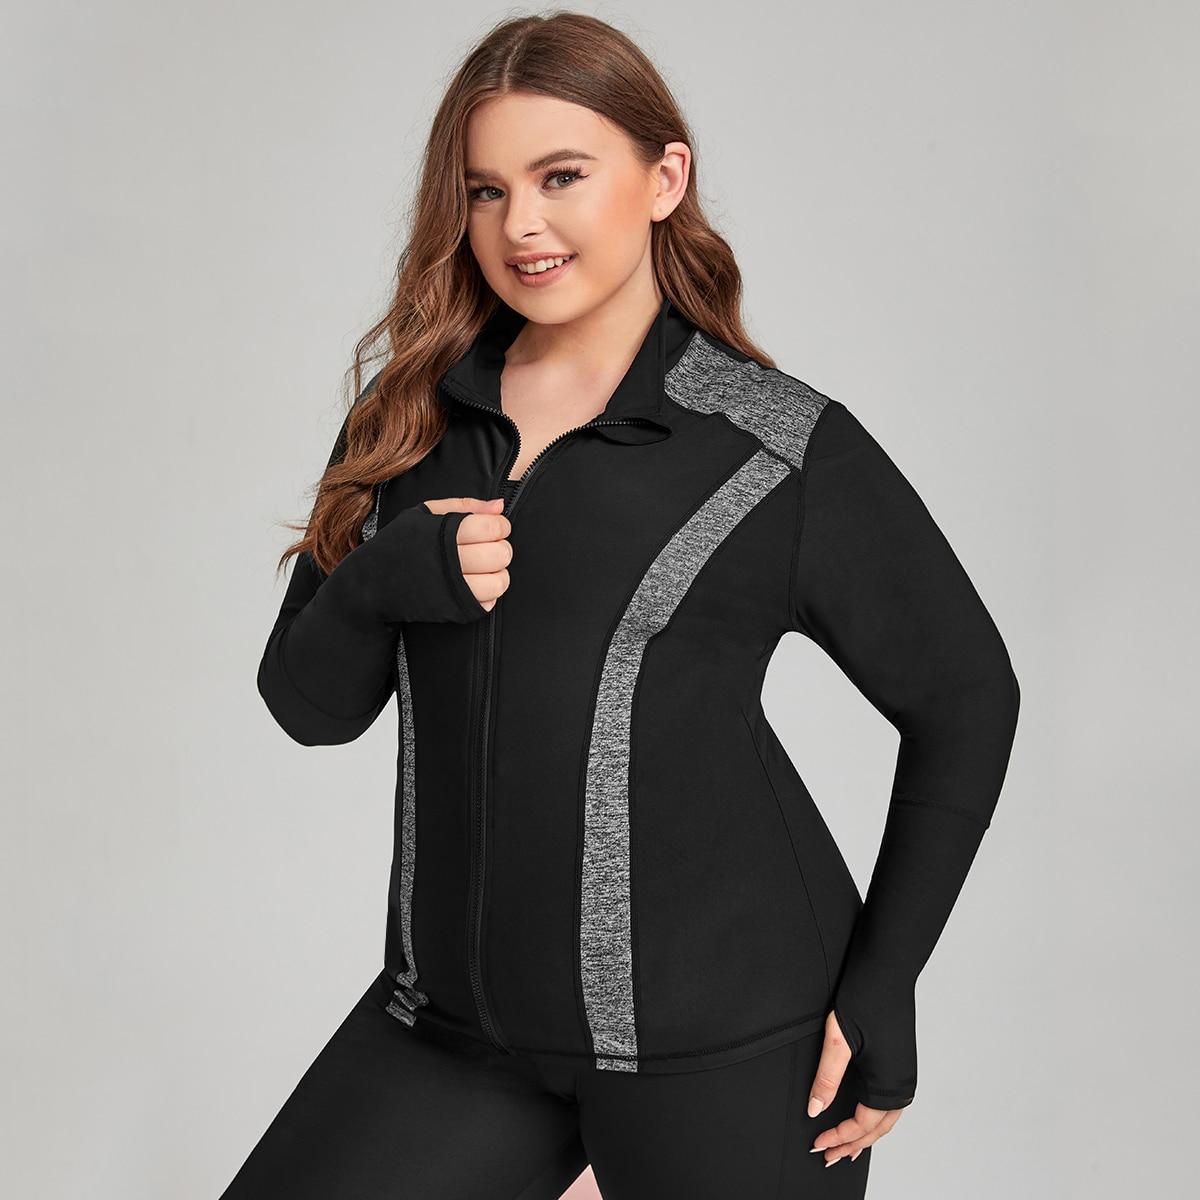 размера плюс Спортивная куртка Контрастный с воротником-стойкой на молнии